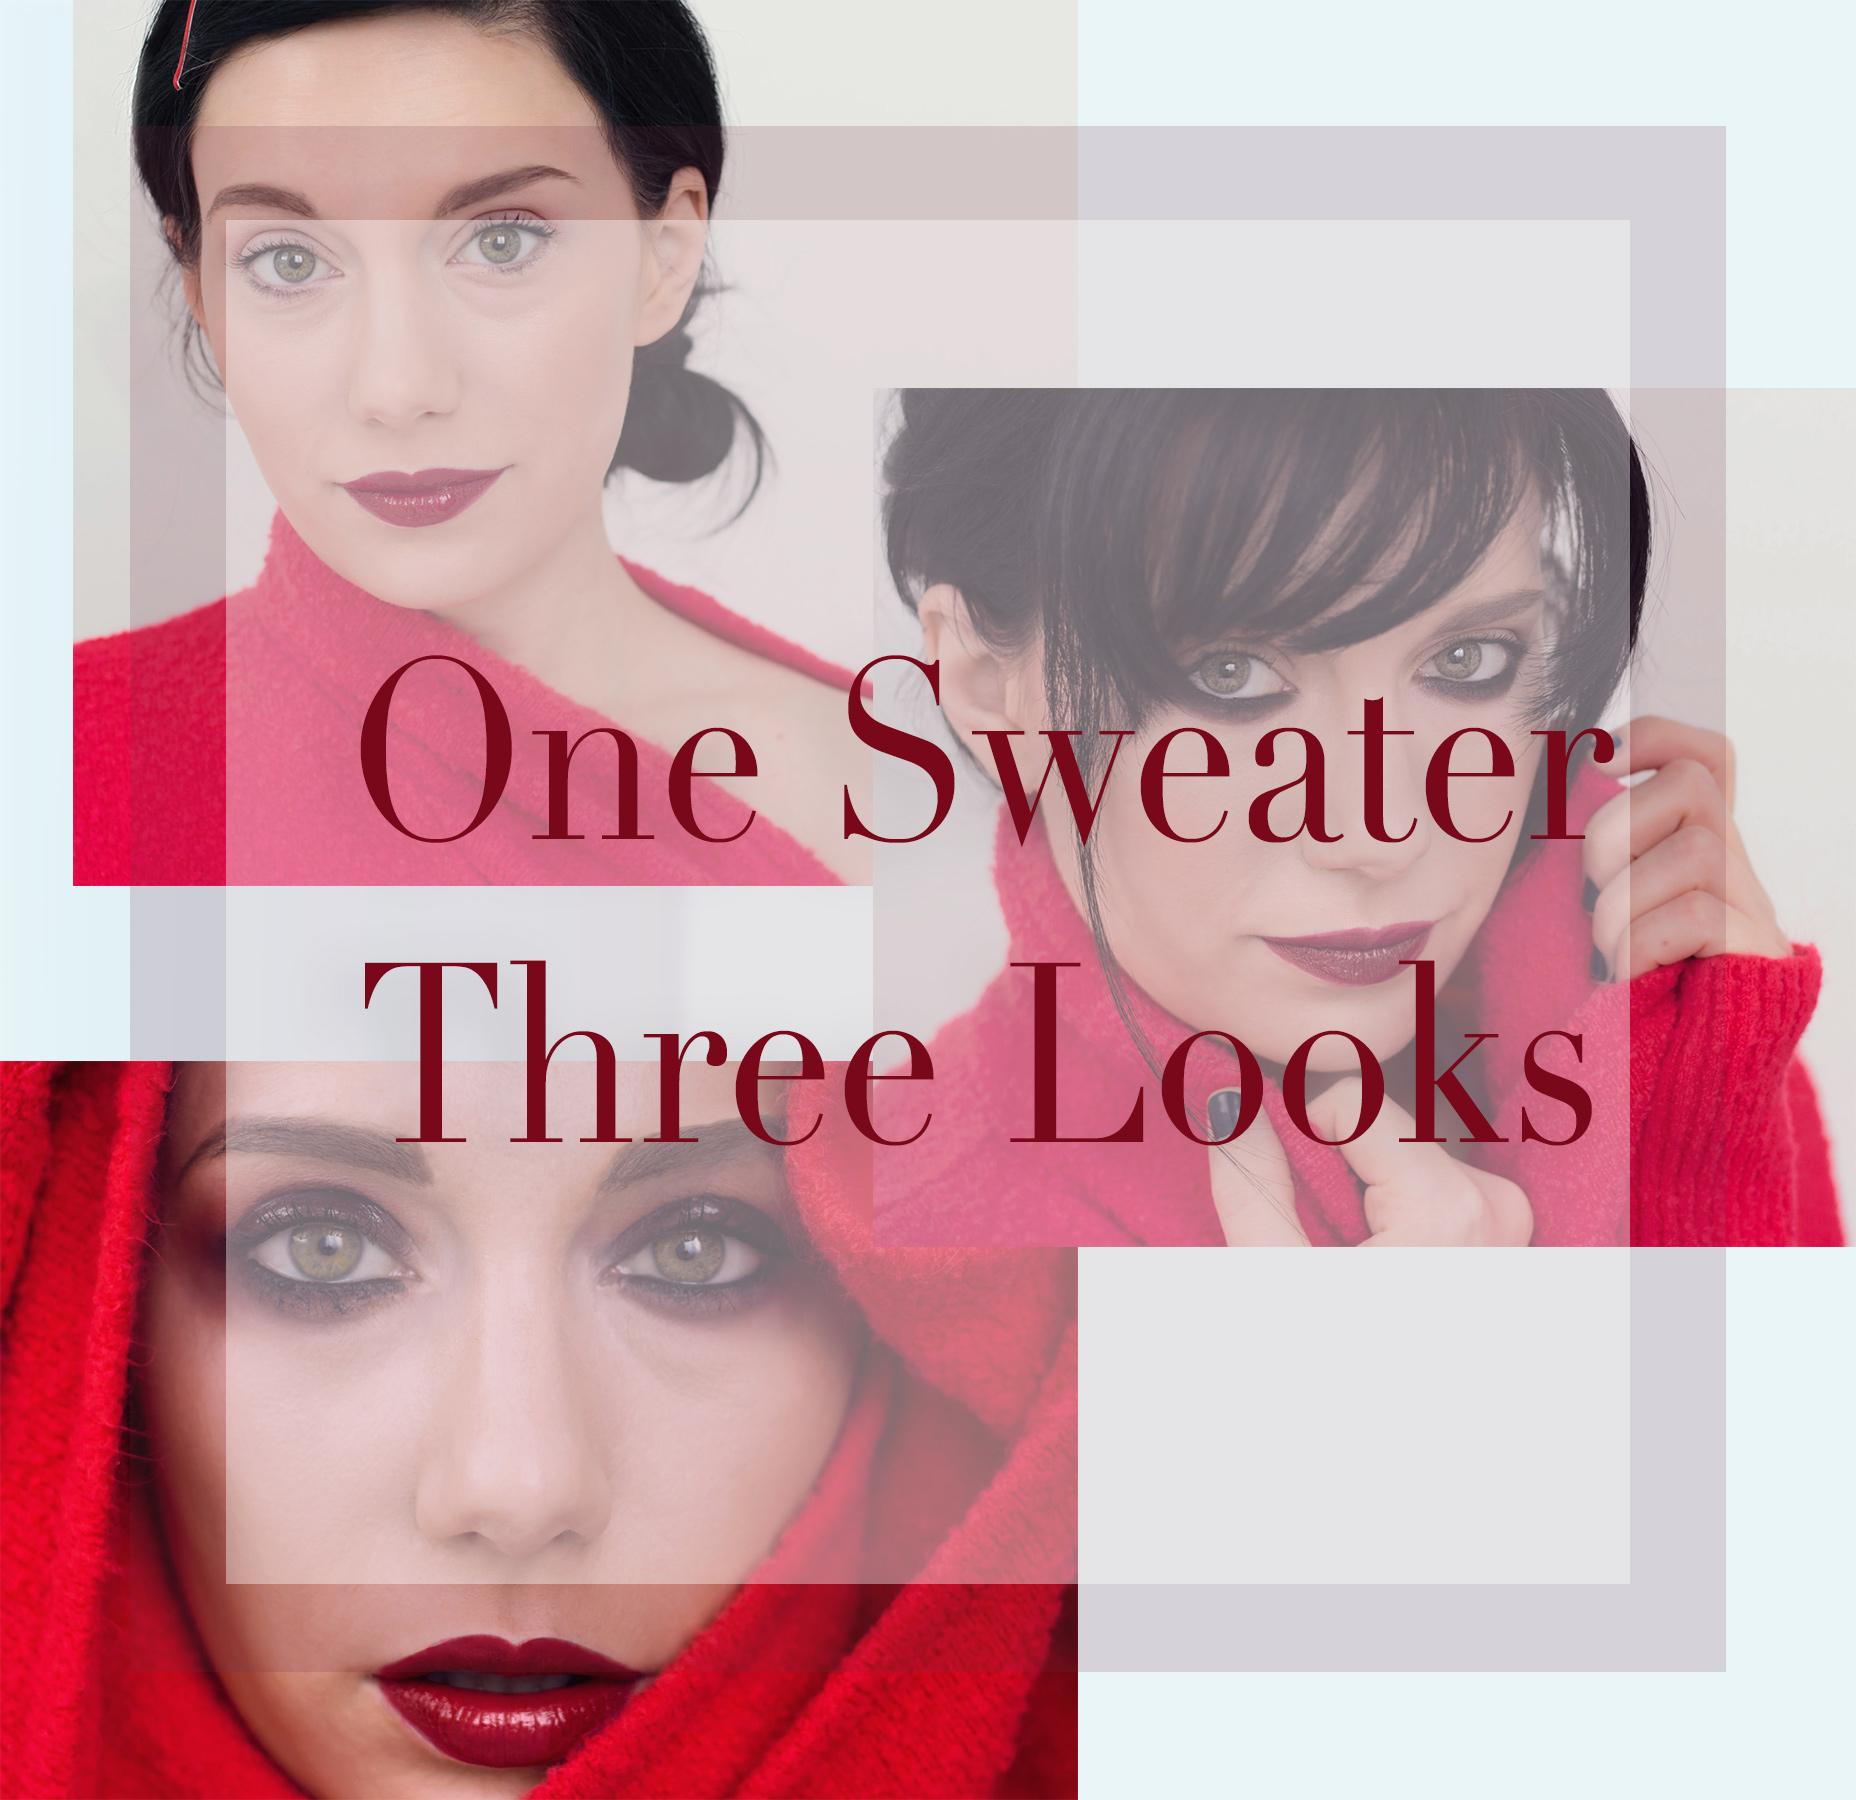 Model: Jancyn Bindman | Makeup: Blanc Sketch Artistry | Photographer: Blanc Sketch Artistry